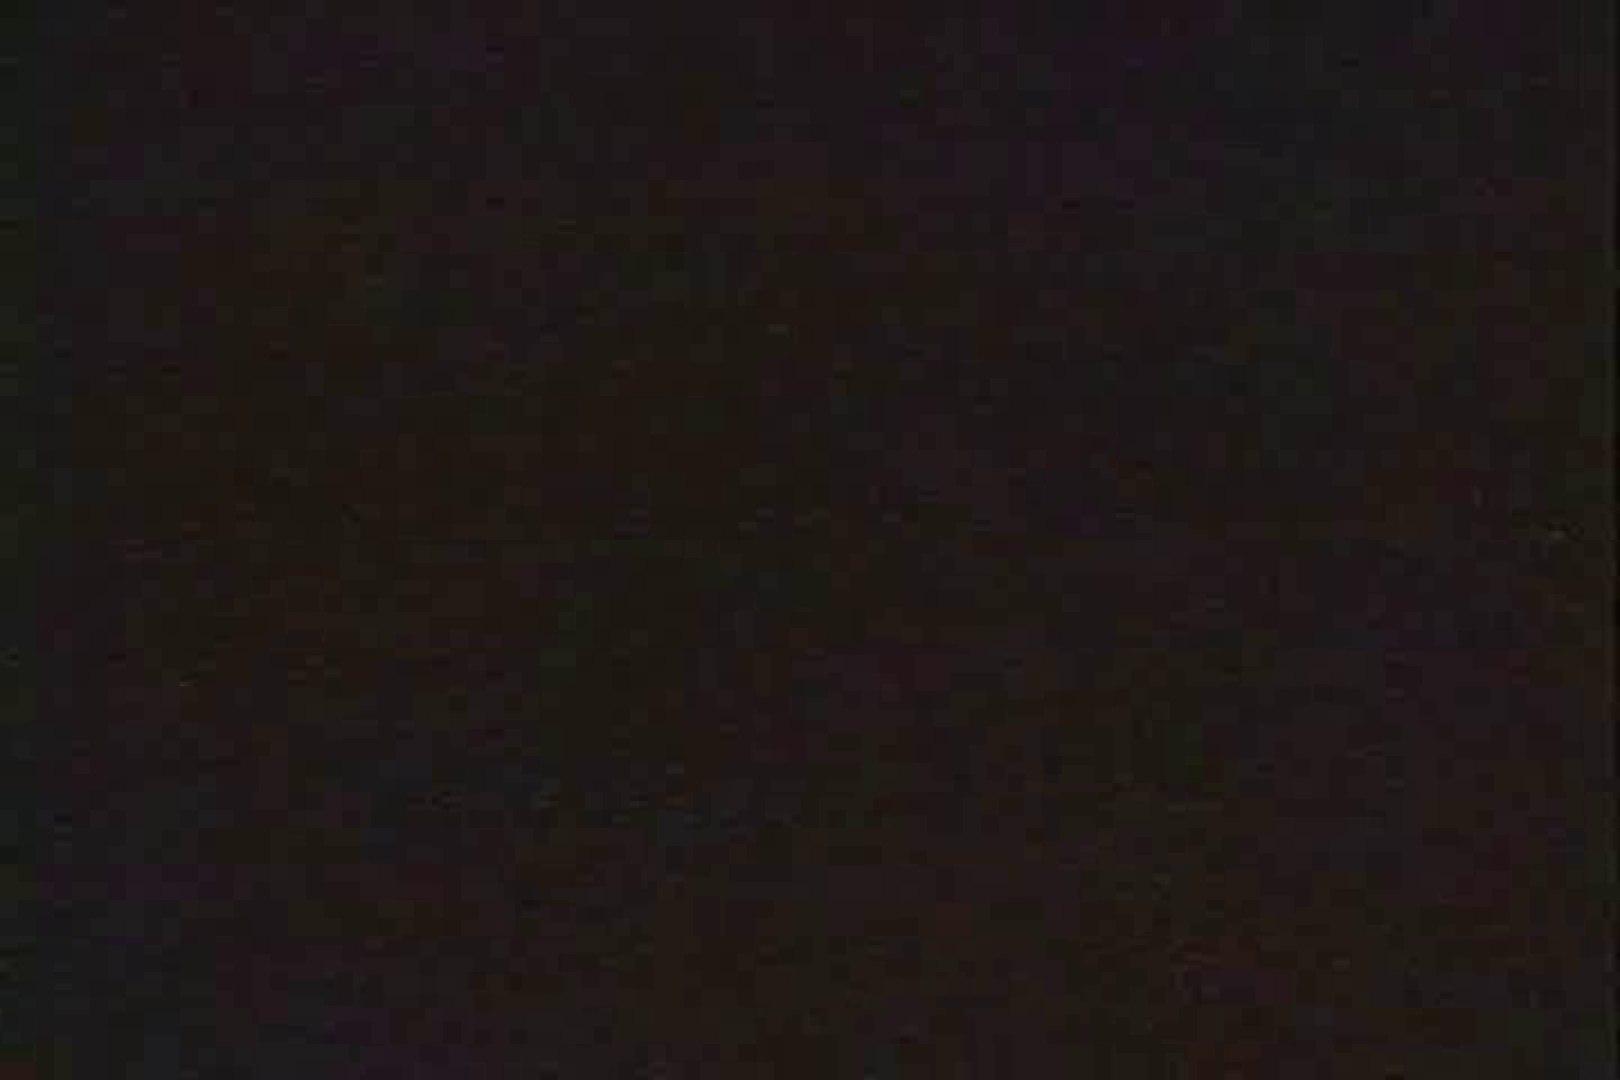 「ちくりん」さんのオリジナル未編集パンチラVol.1_01 パンチラ  23PICs 4